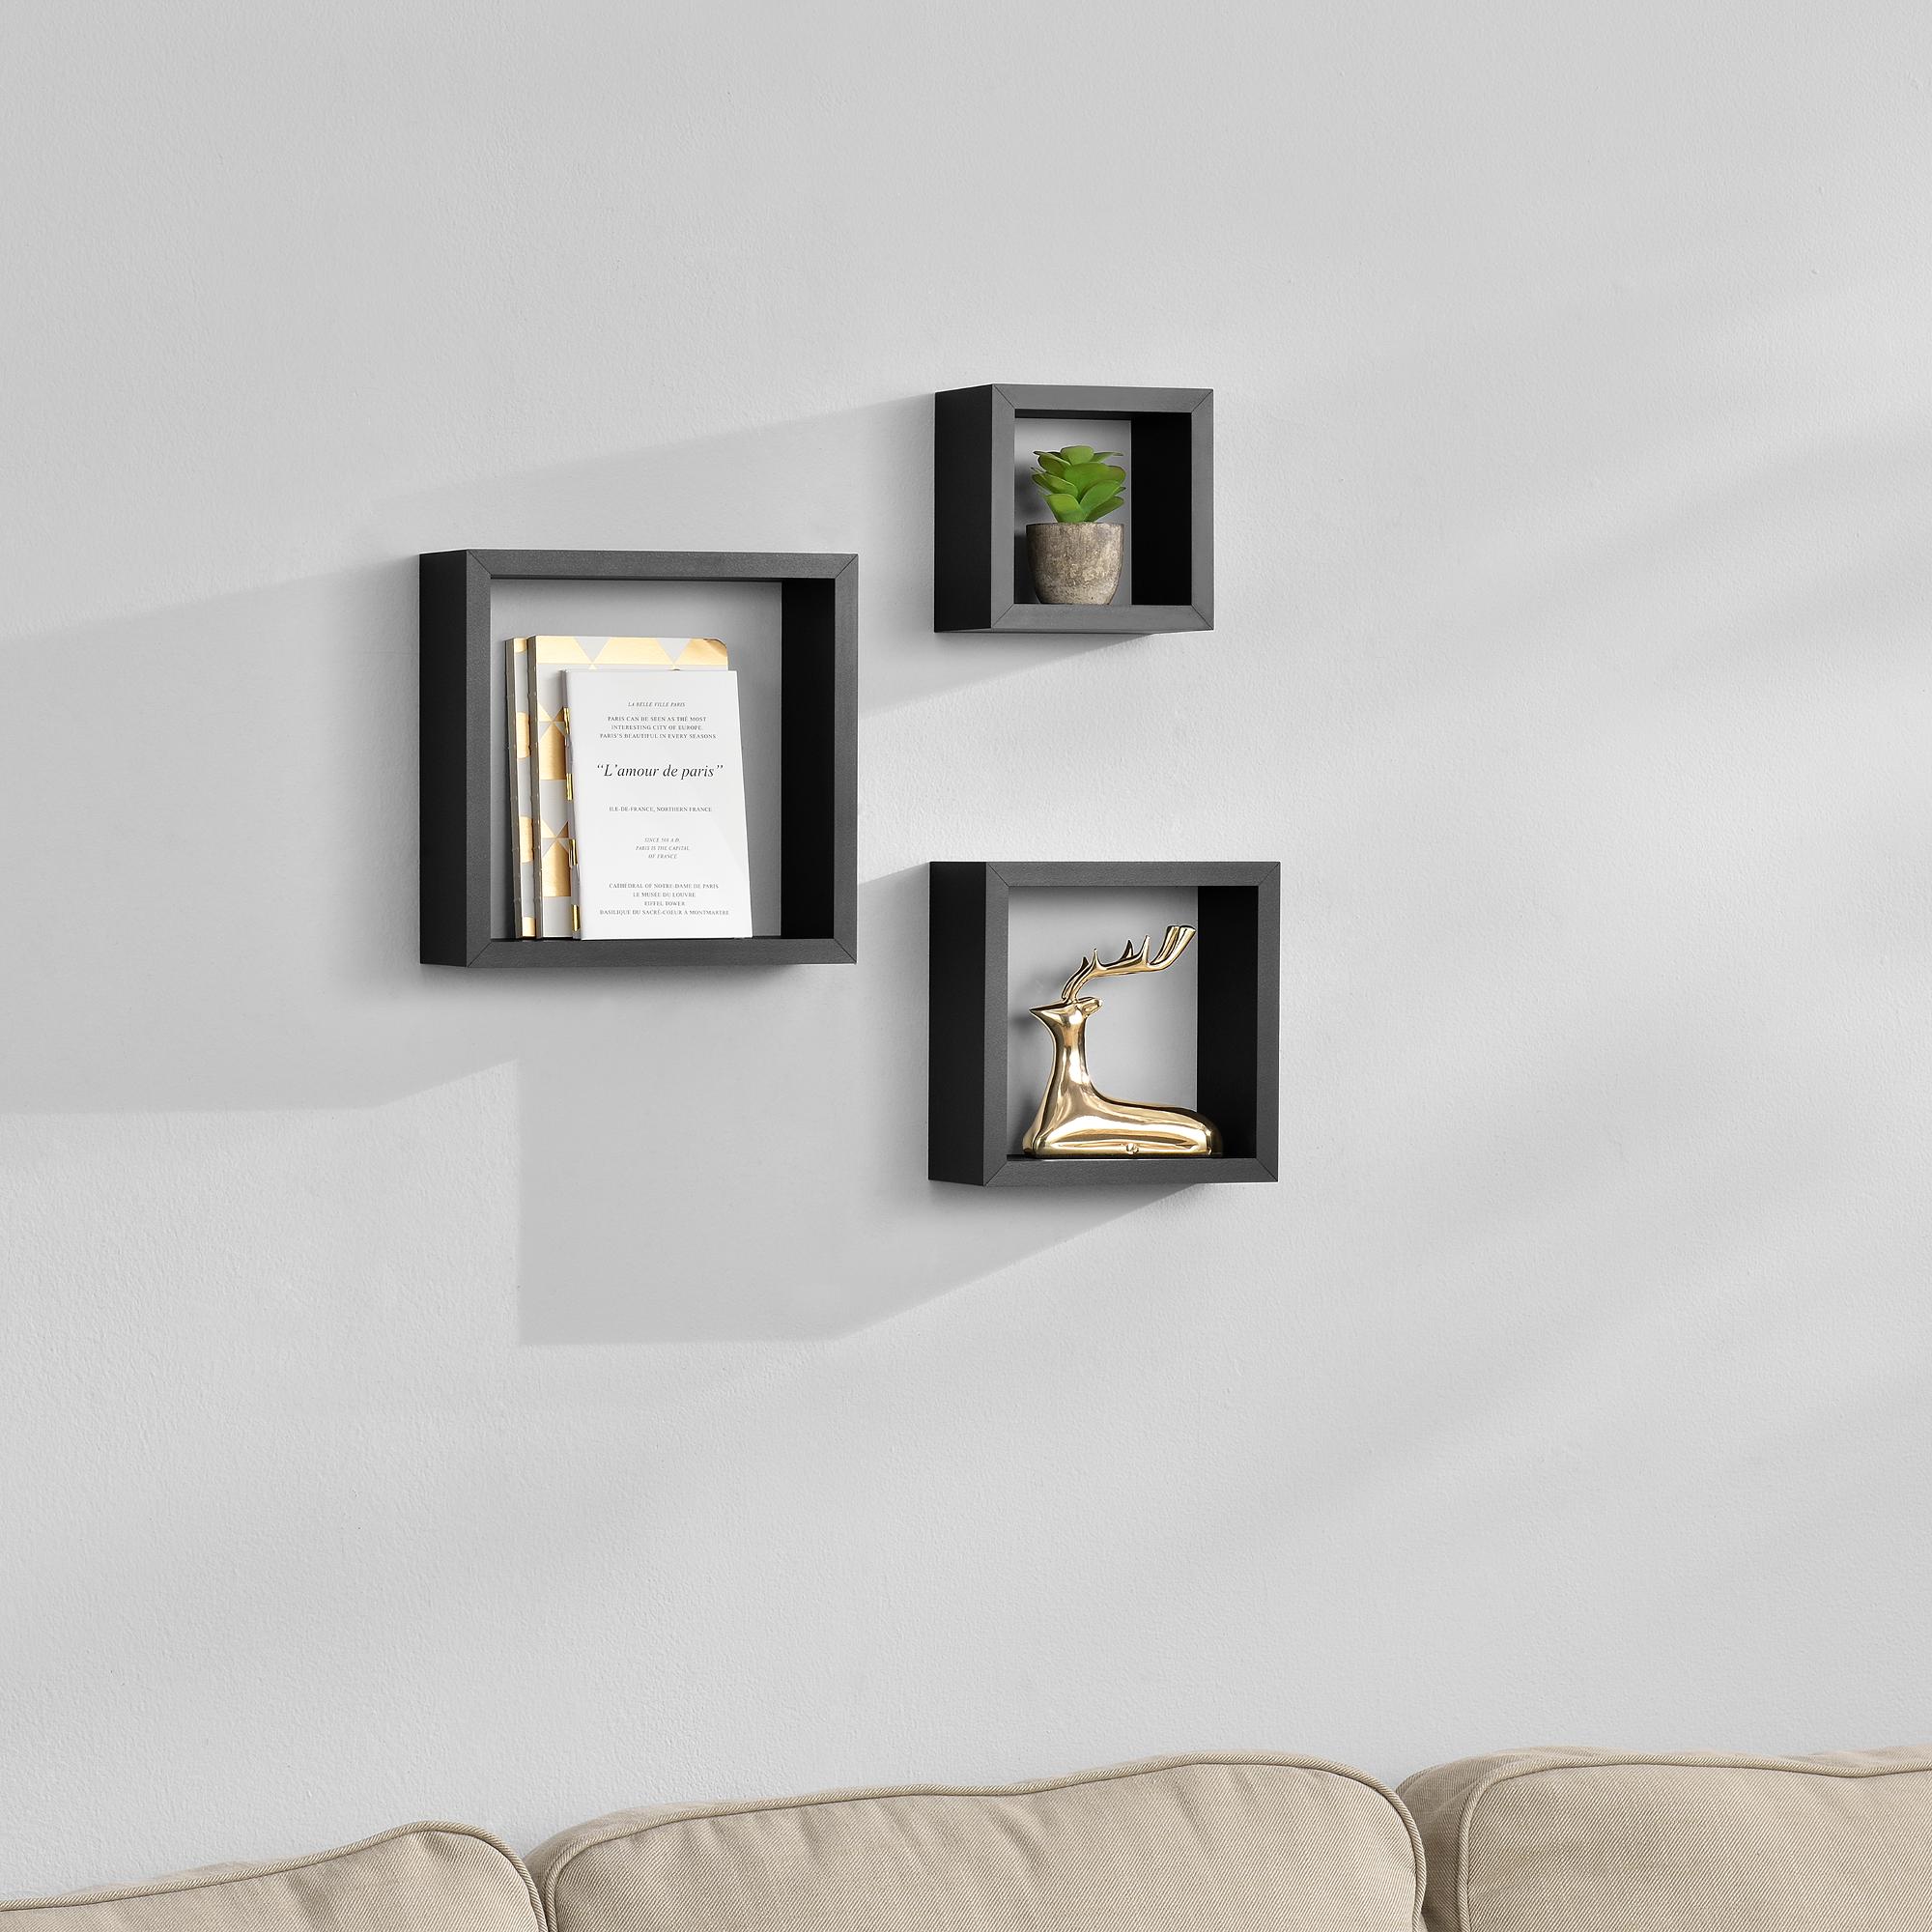 3er set wandregal h ngeregal b cherregal cd regal cube lounge schwarz ebay. Black Bedroom Furniture Sets. Home Design Ideas